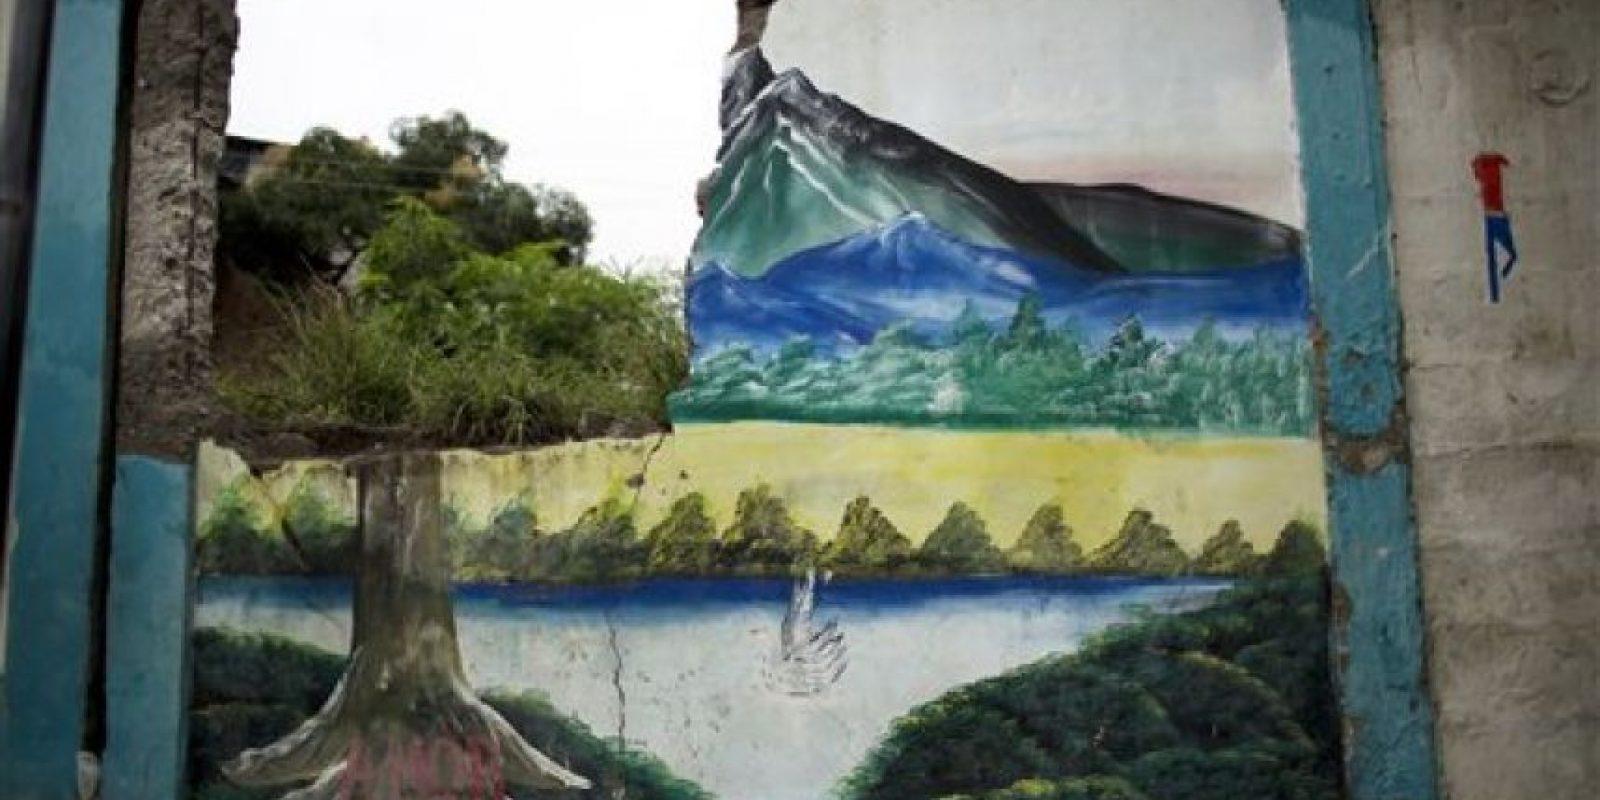 Esta imagen, tomada el 24 de abril de 2016, muestra pedazos de hierba a través de una grieta en un mural pintado sobre el muro de una escuela, que quedó dañado por un terremoto de magnitud 7,8 en Pedernales, Ecuador. Cientos de réplicas remecieron el país desde el sismo del 16 de abril, que dejó a los ecuatorianos durmiendo a la intemperie, con problemas para encontrar agua y comida. Foto:AP